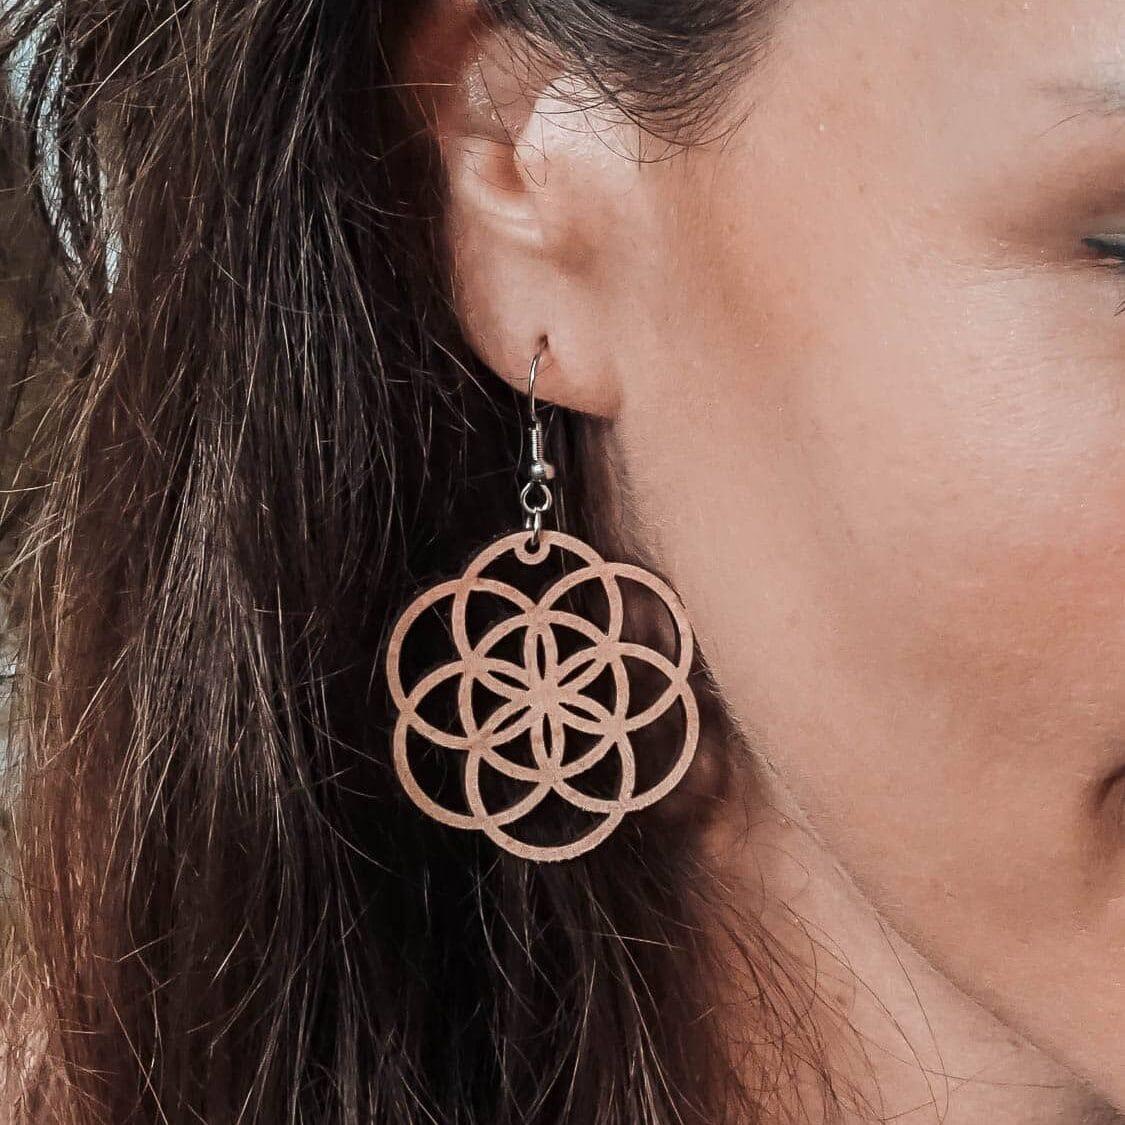 Boucles d'oreilles en bois Fiora inspirée de la fleur de vie